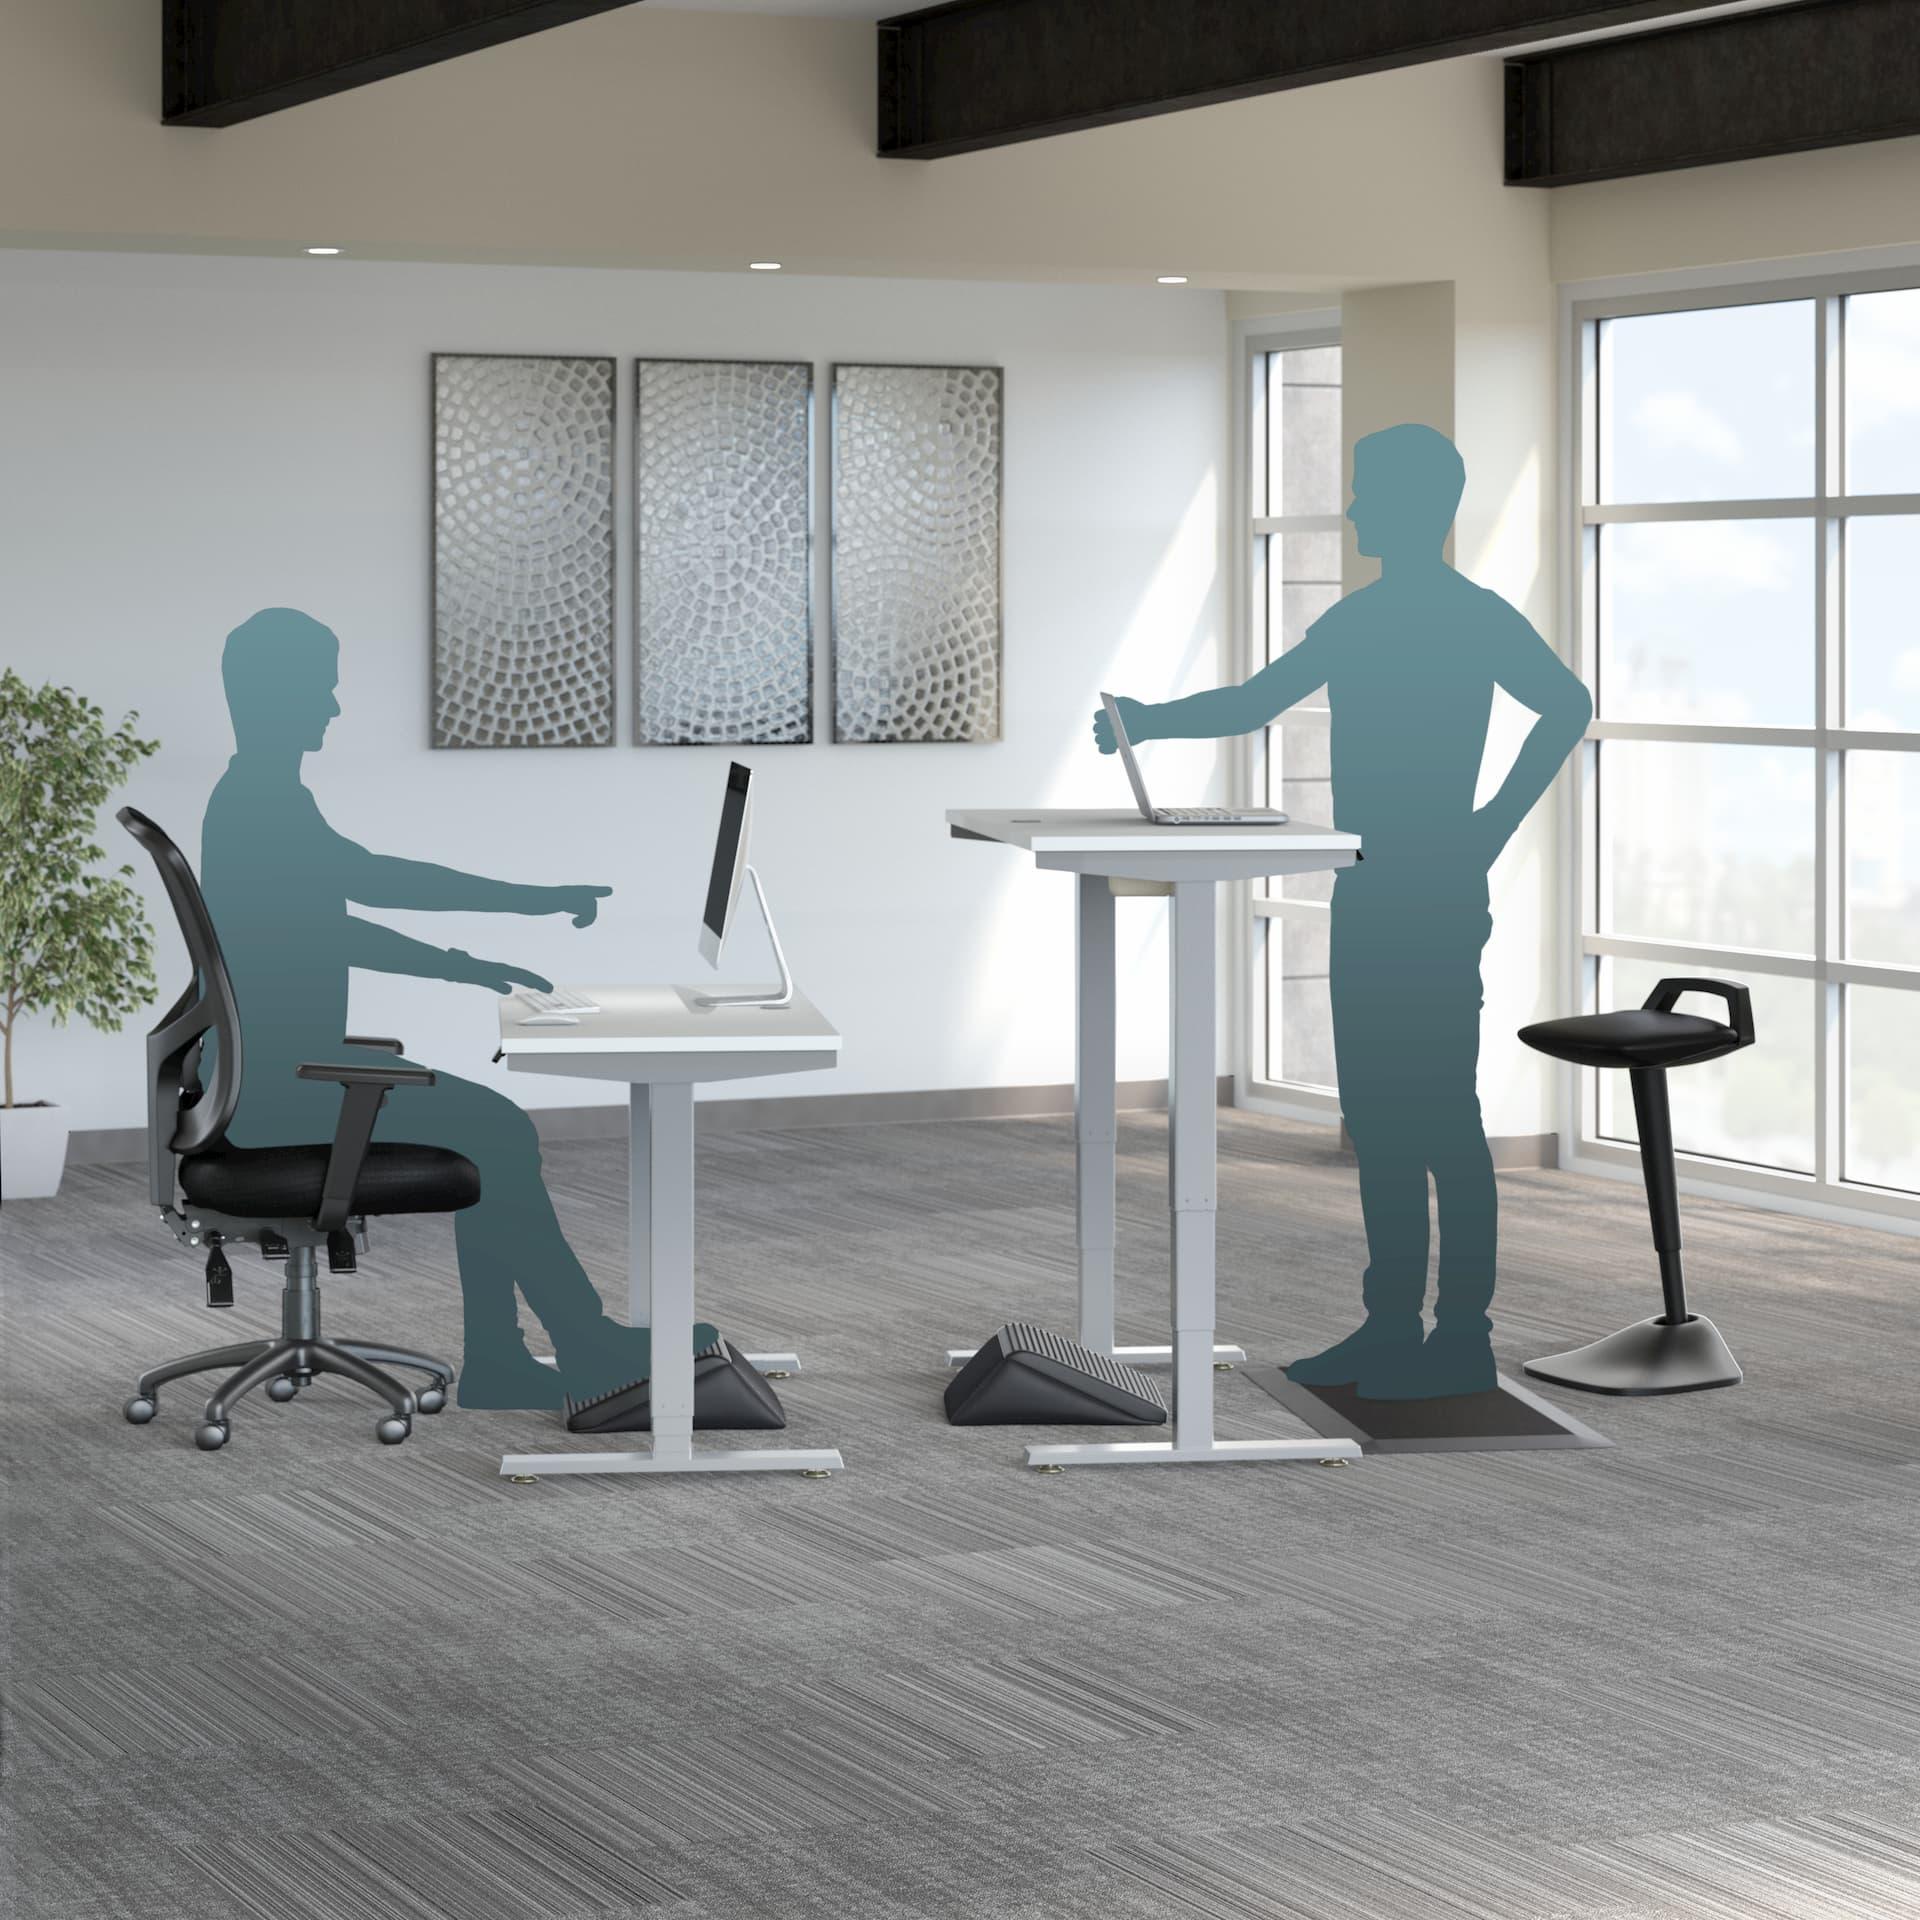 People using standing desks